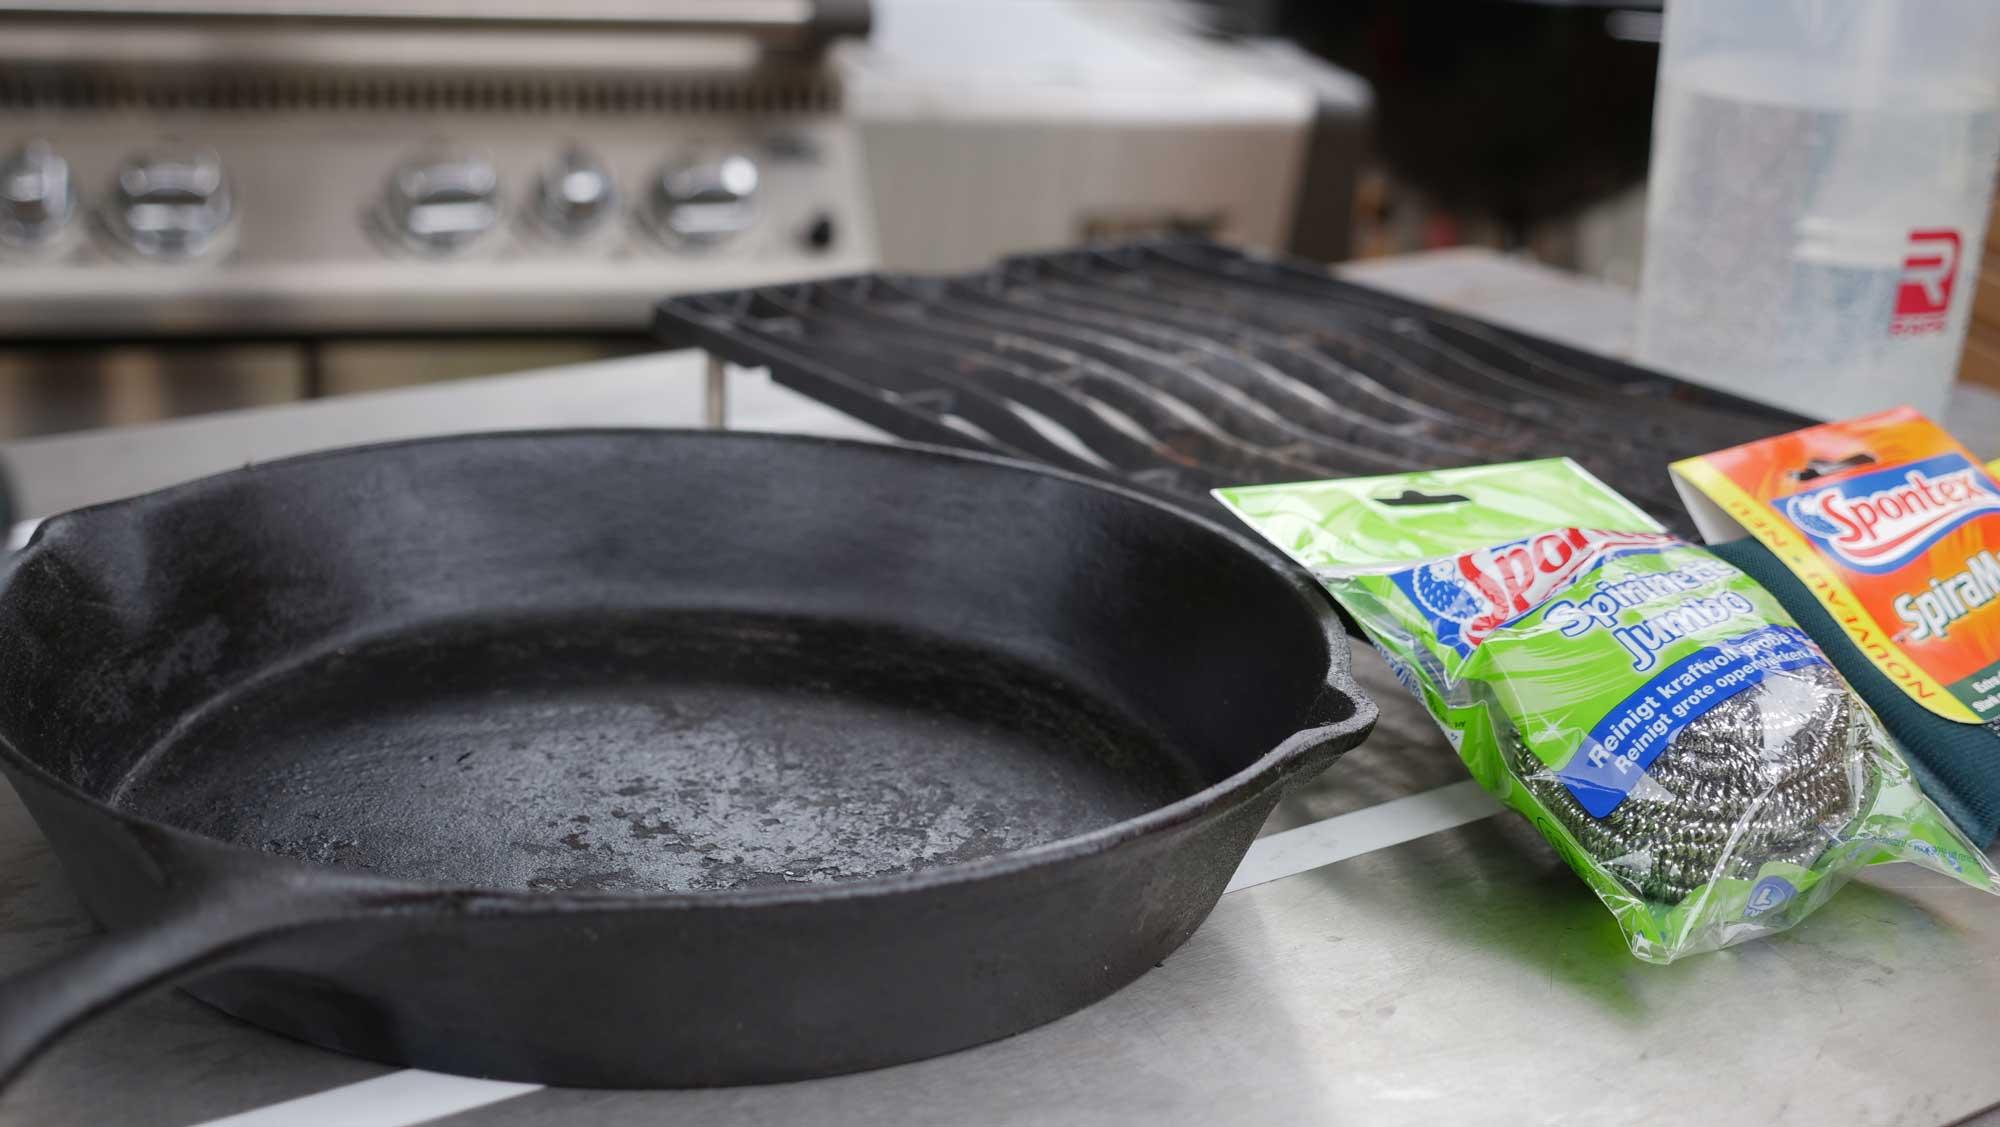 Stahlschwämme sind optimal zur Reinigung von Gussrosten, -pfannen und ähnlichen Gussprodukten